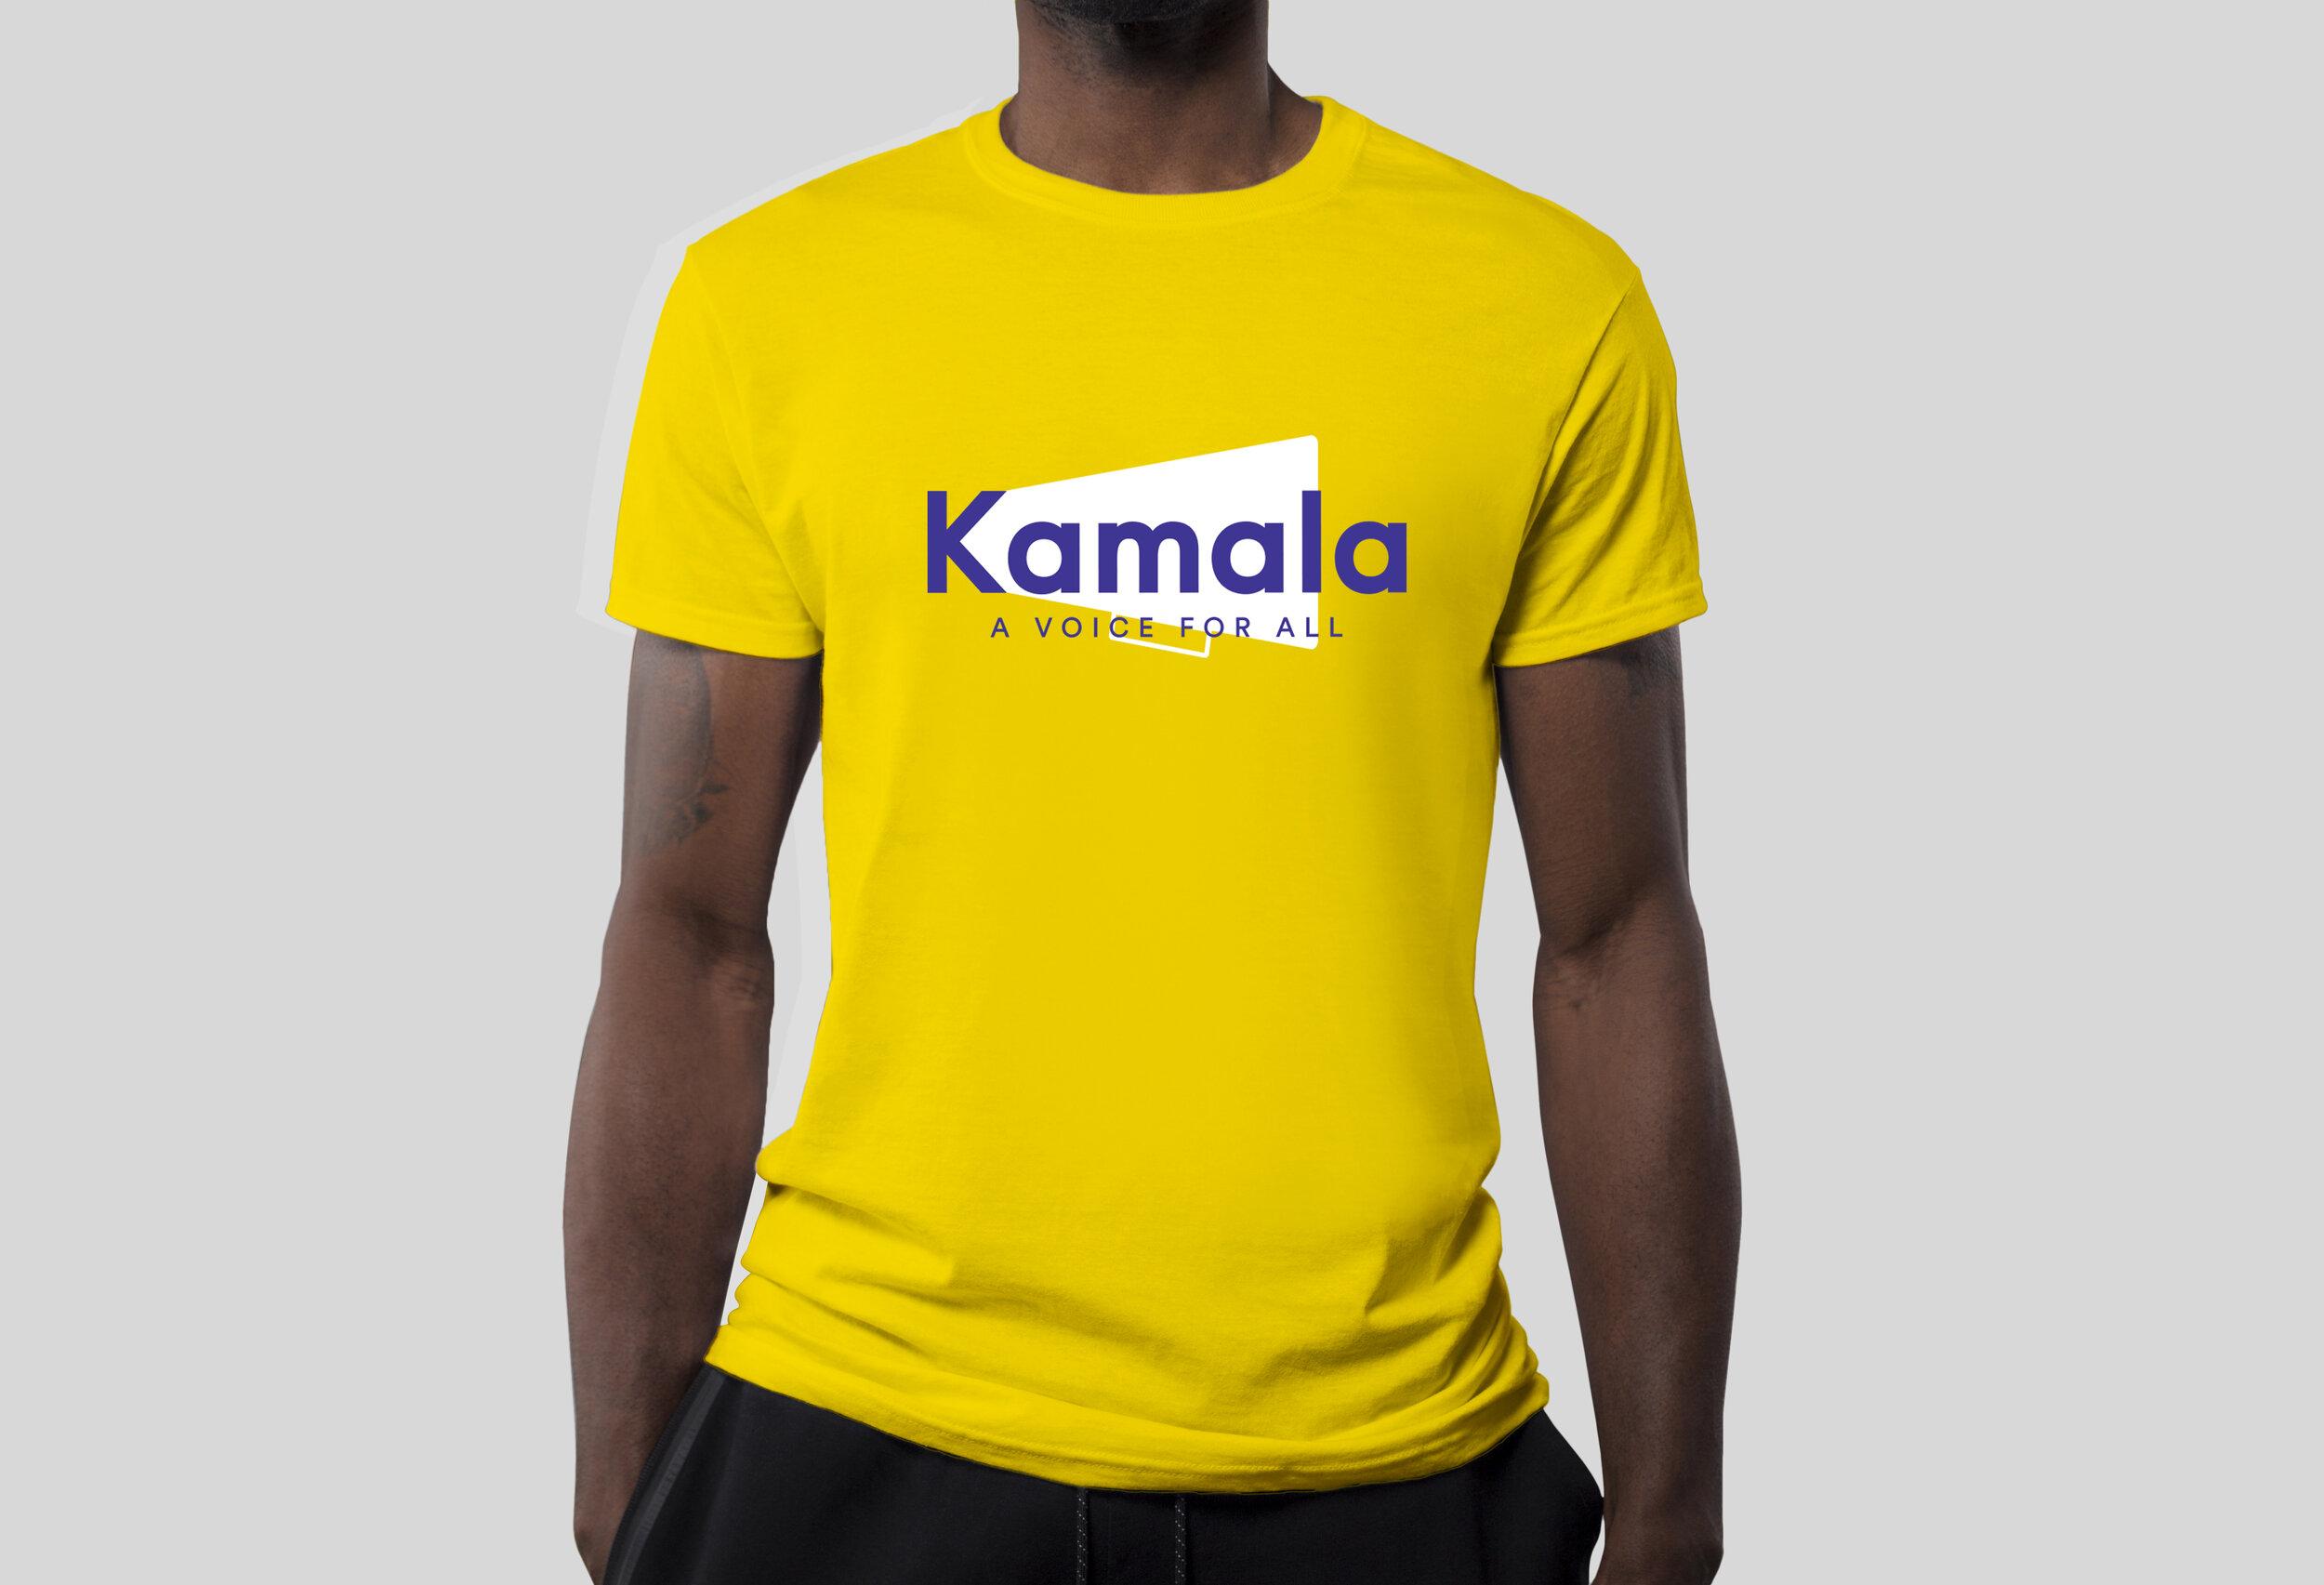 09 Kamala T-shirt 1.jpg